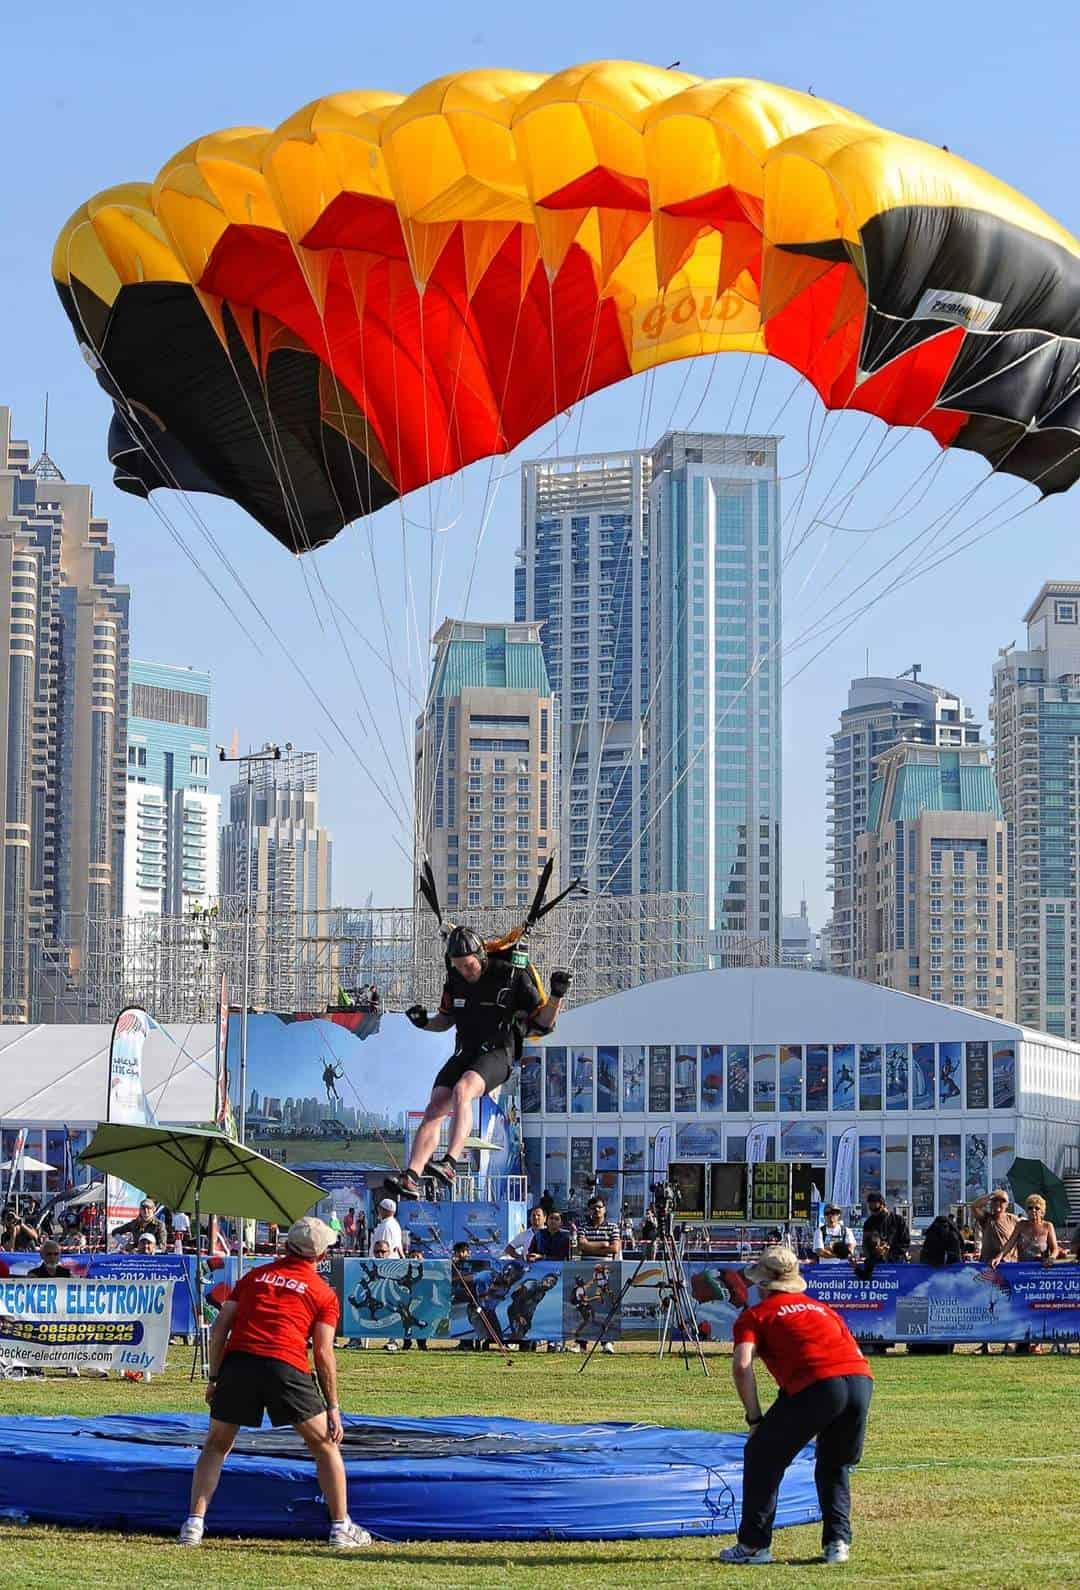 Zielsprung in Dubai